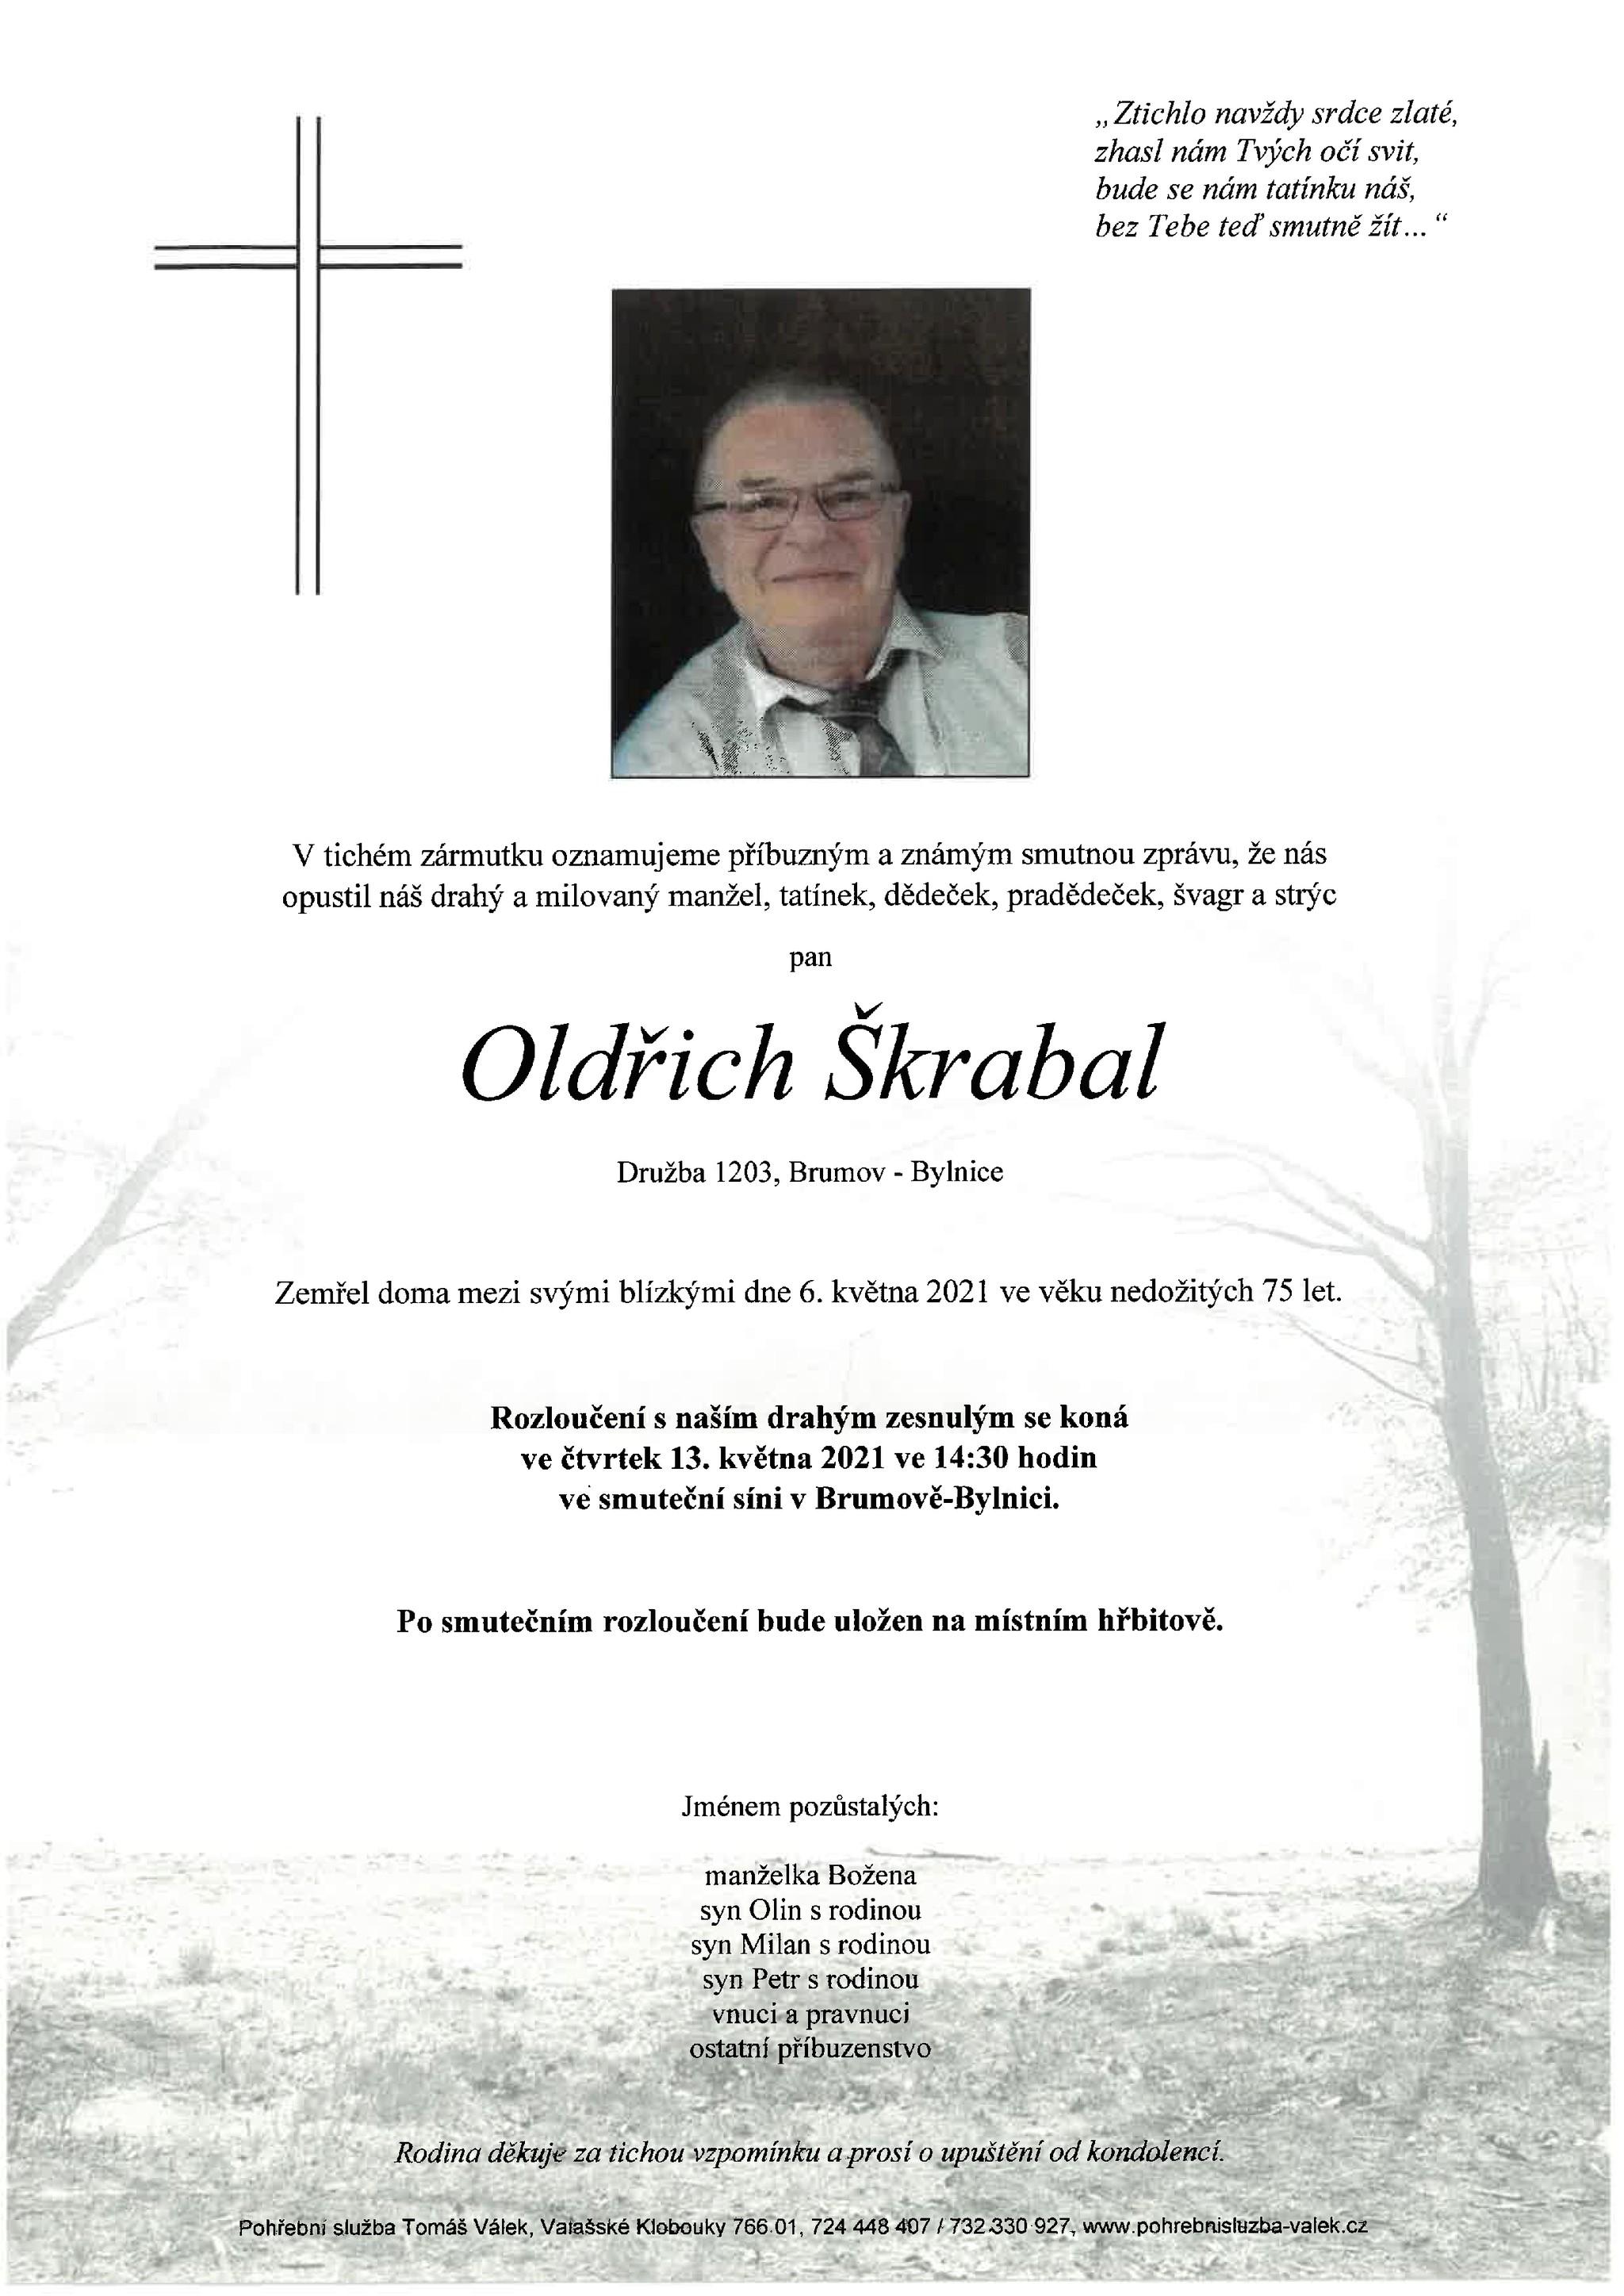 Oldřich Škrabal